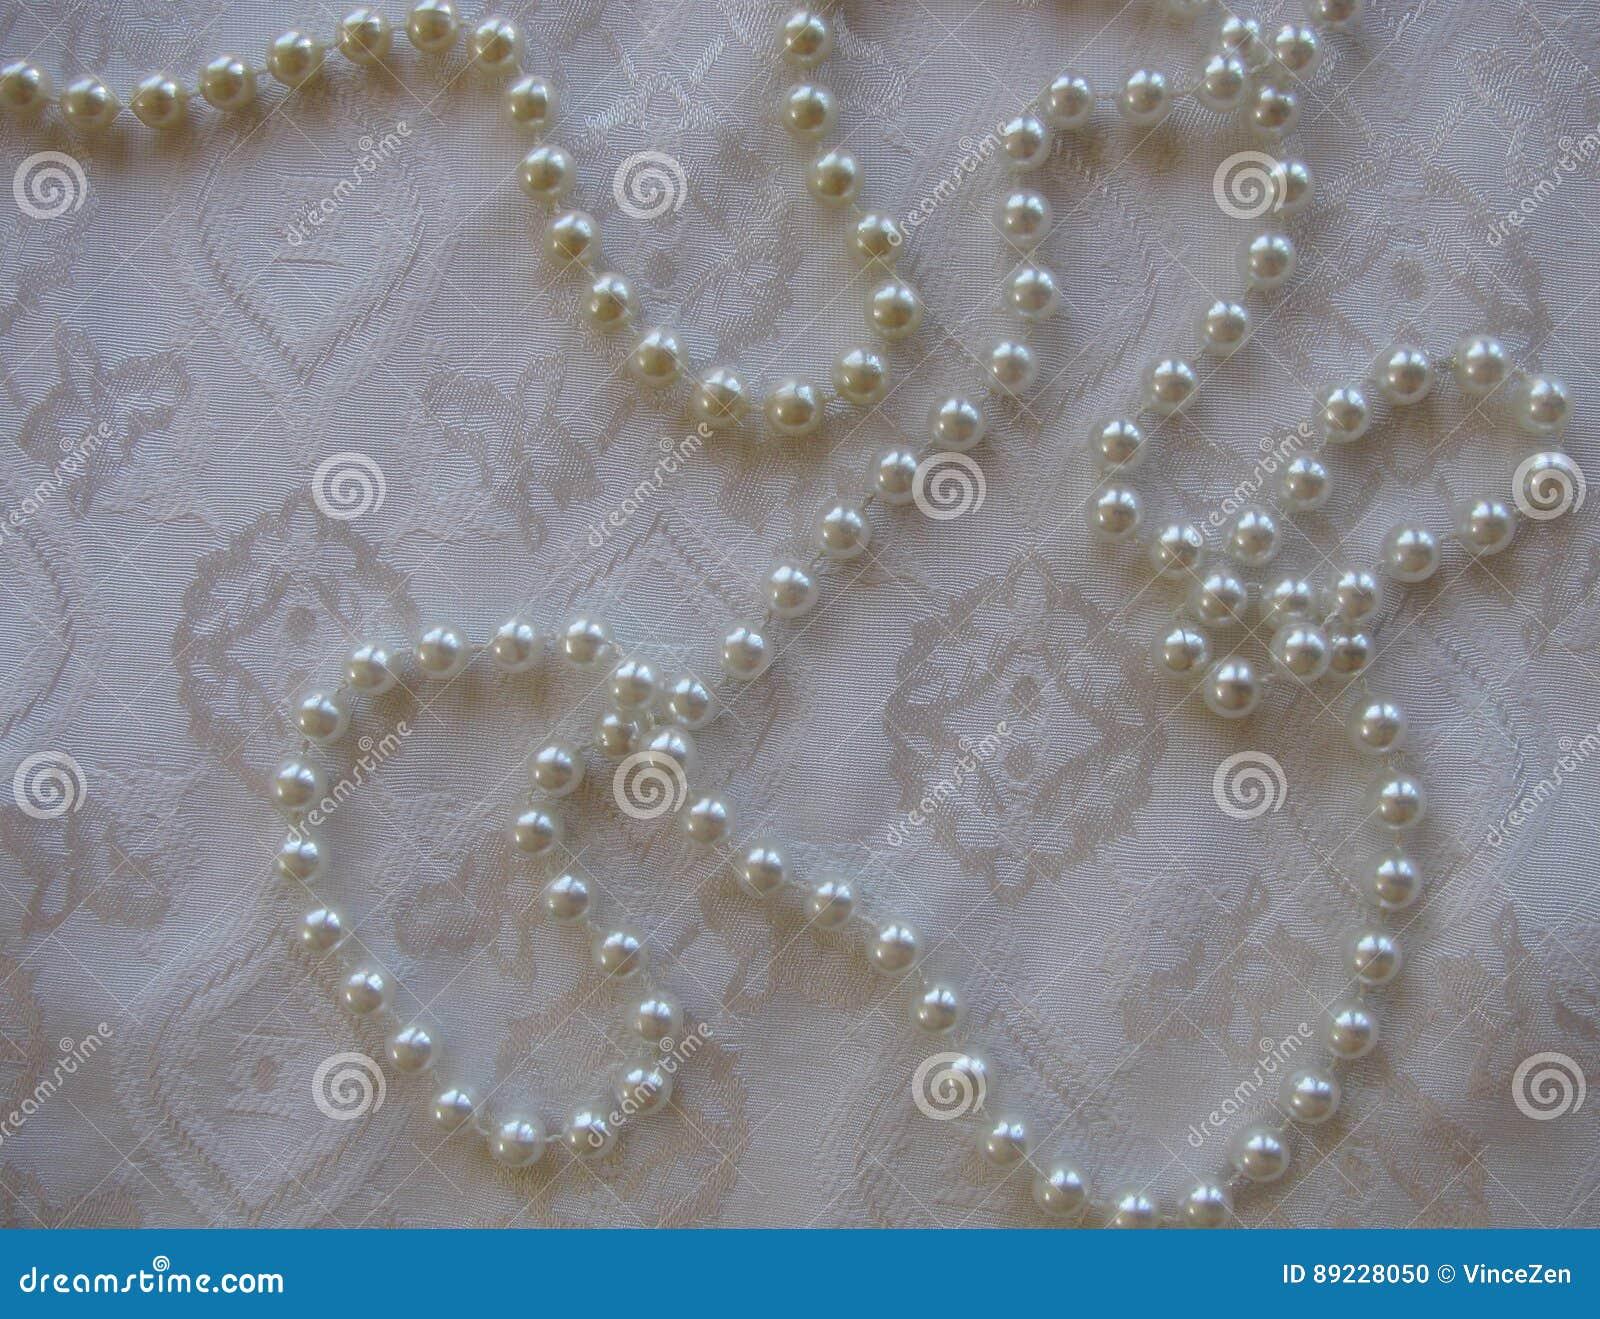 Biały textured tło połyskujące perły na bogatej wzorzystej tkaninie